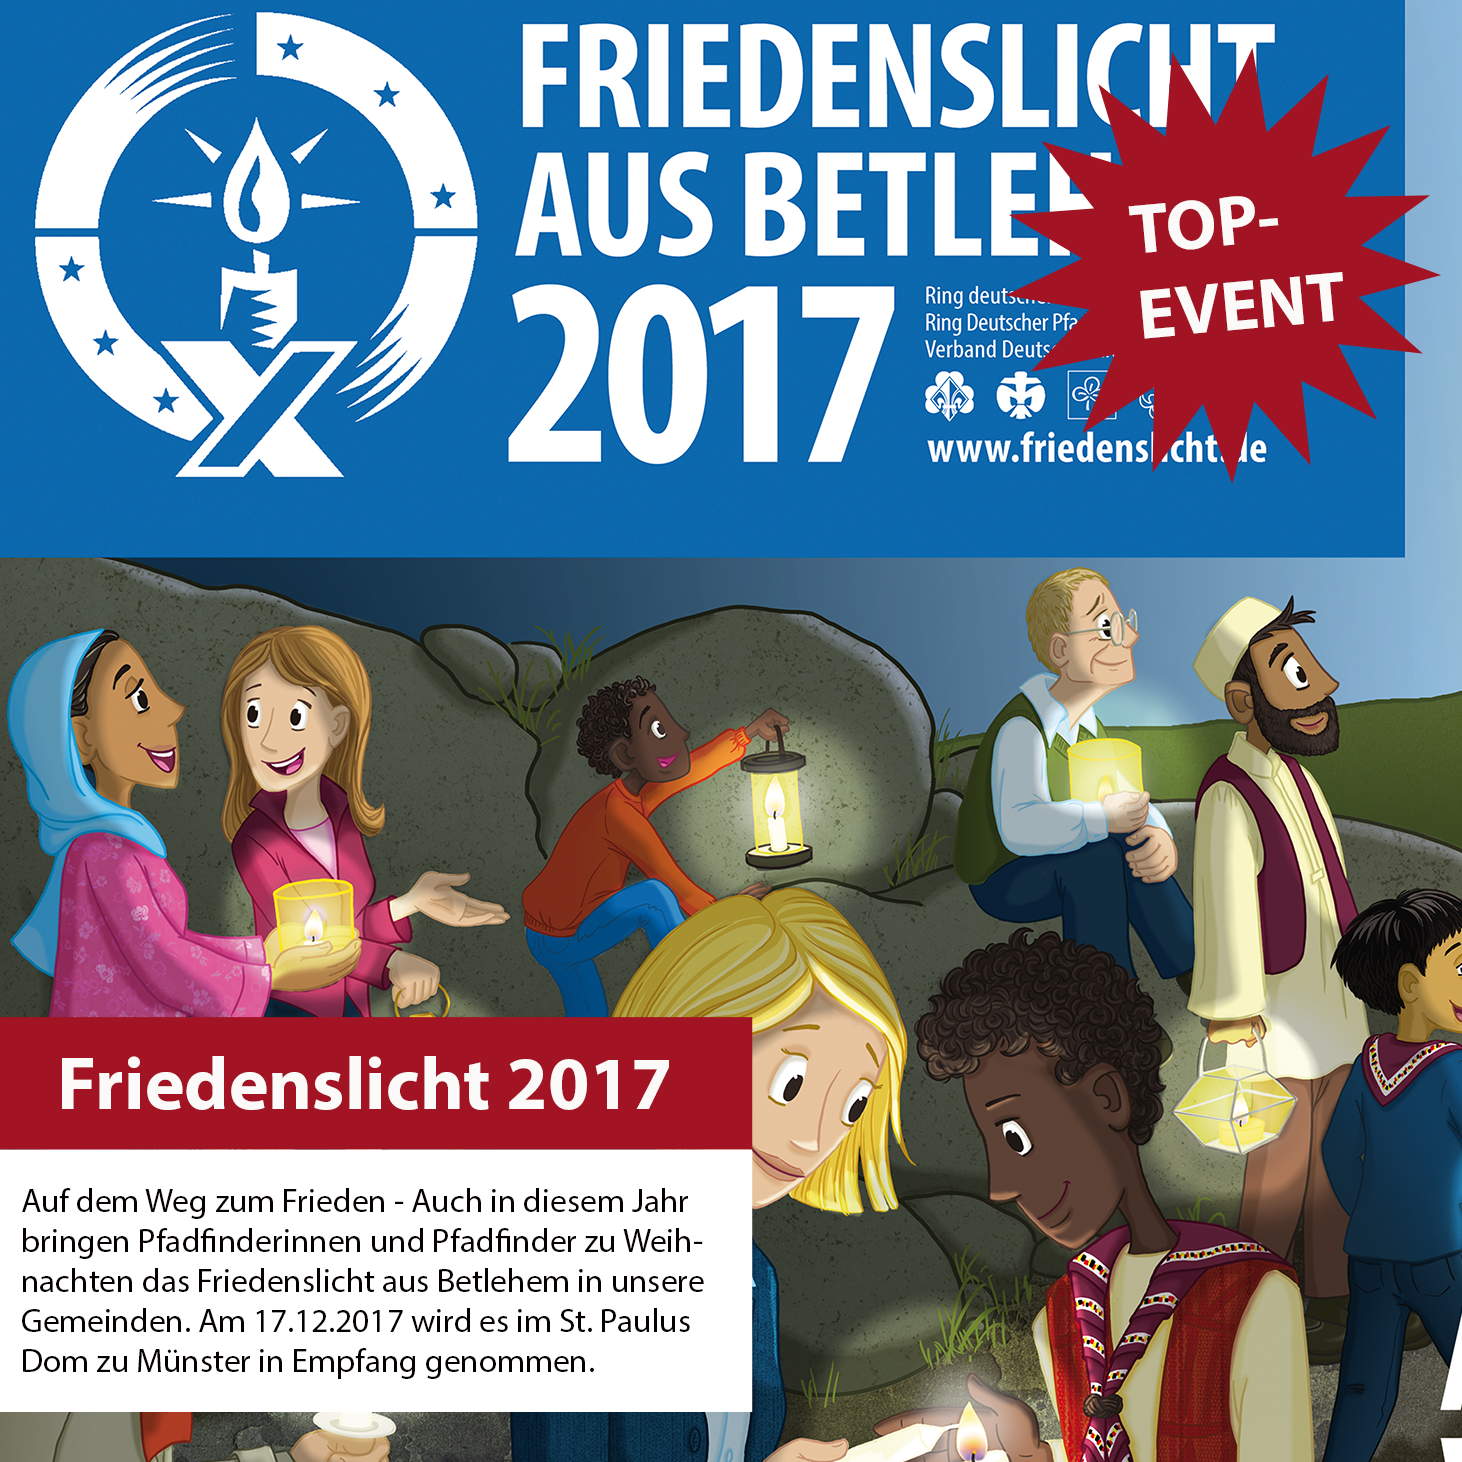 Top_Event_Friedenslicht2017